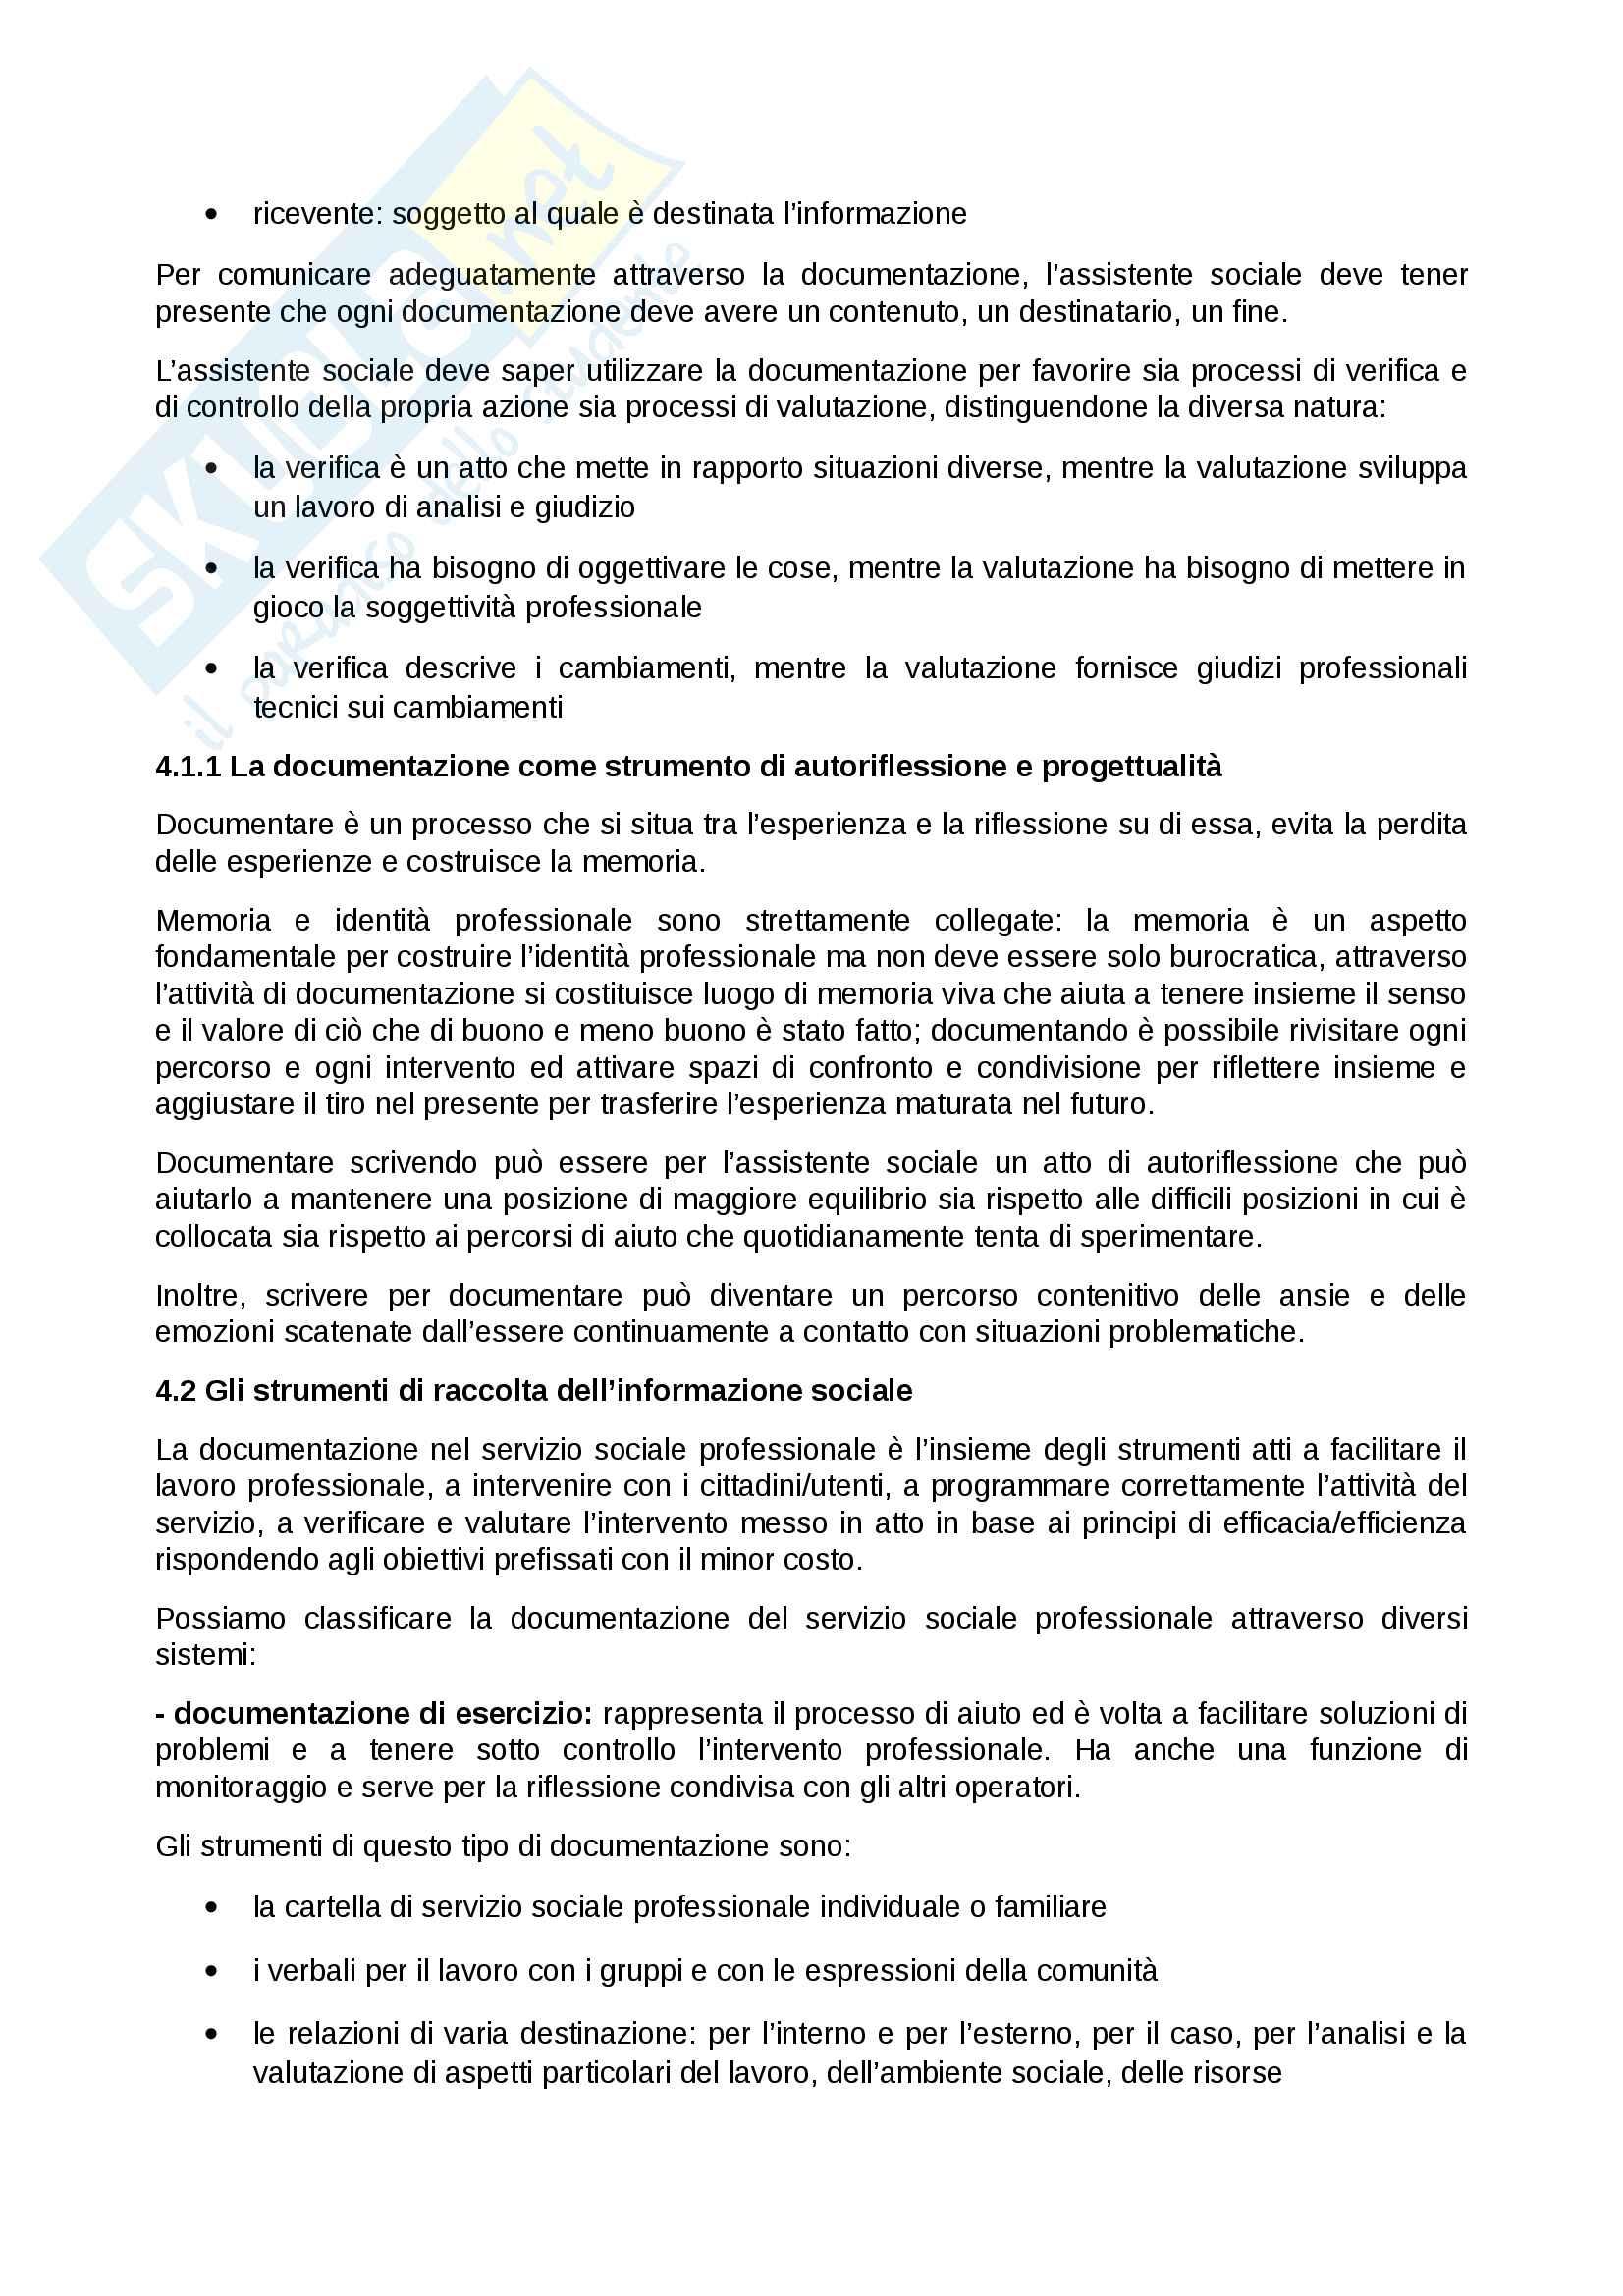 Riassunto per l'esame di tecniche e strumenti del servizio sociale della prof Rovai, Manuale consigliato Assistenti sociali professionisti, Zilianti, Rovai Pag. 26